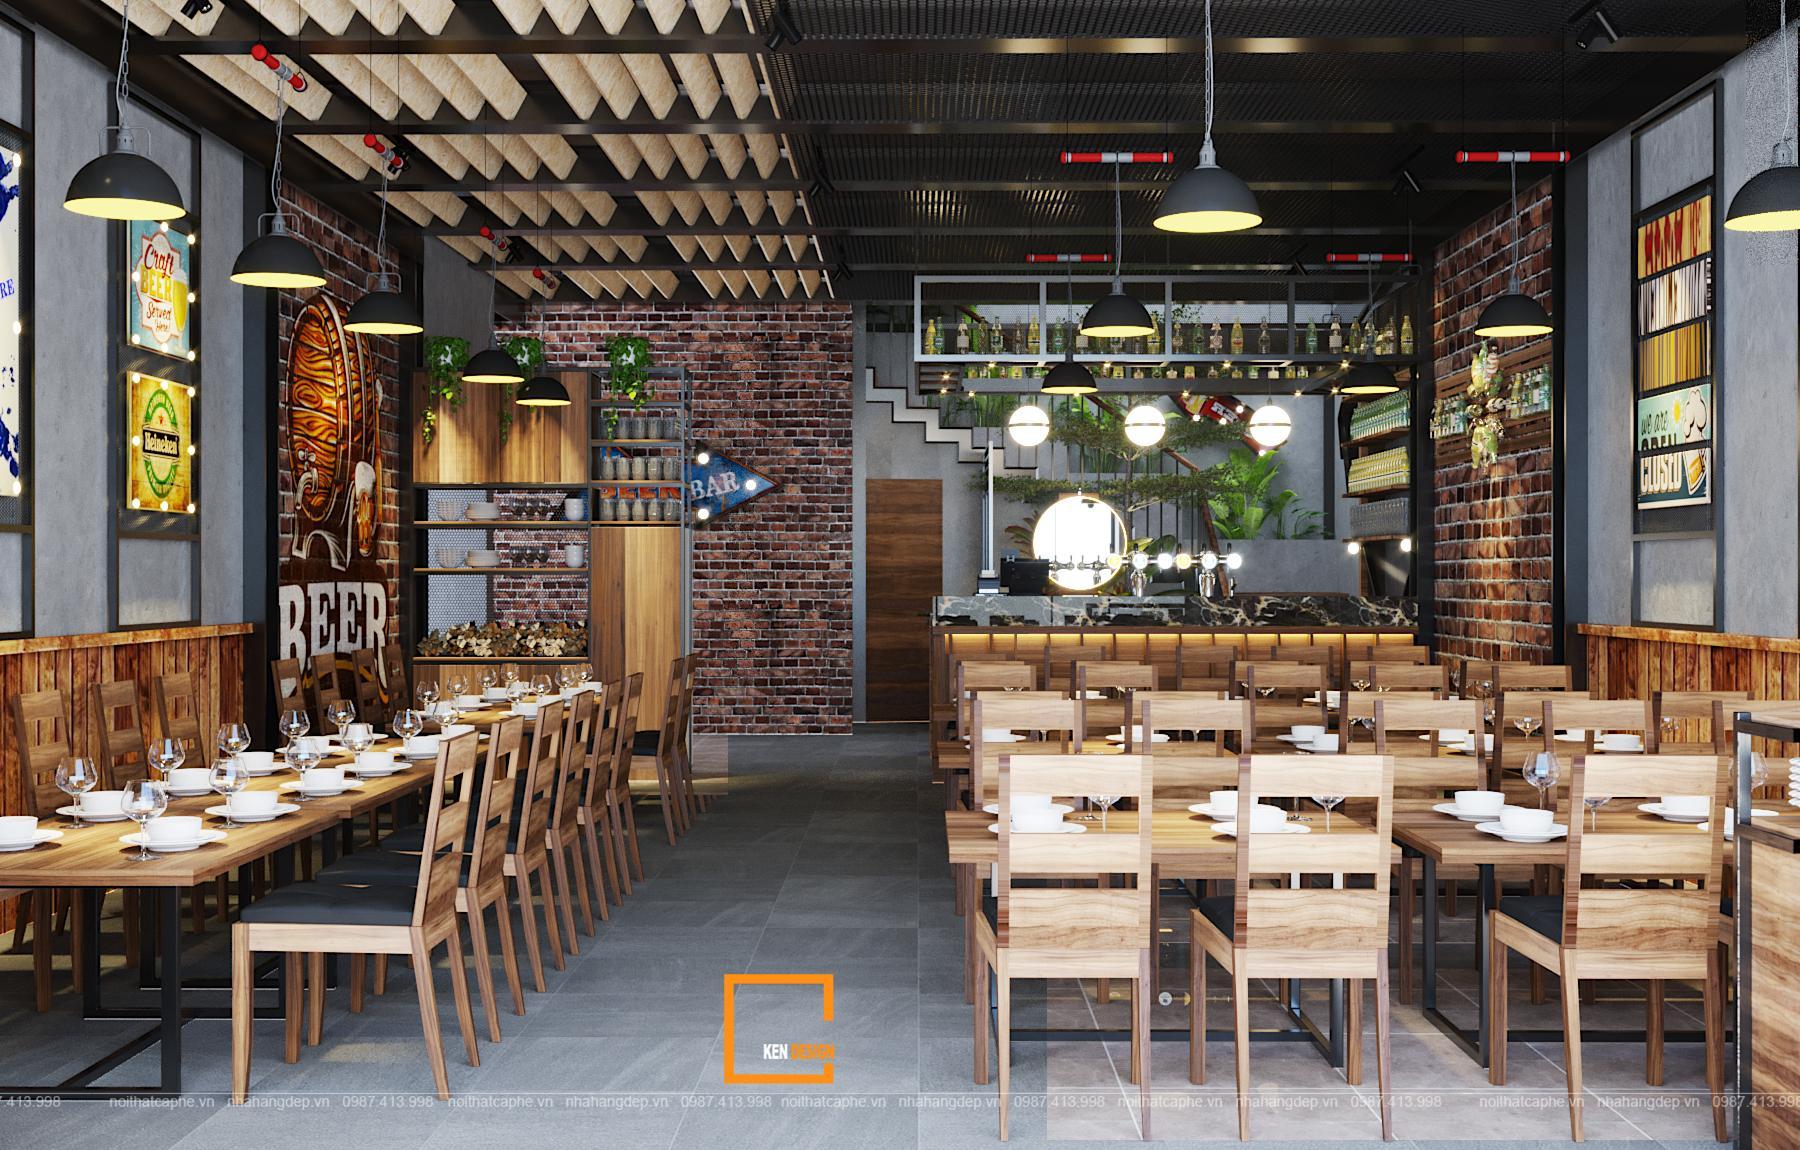 59cc65c81072f62caf63 1 1 1 - Thiết kế nhà hàng Sapphire - sự kết hợp hoàn hảo giữa phong cách Industrial và Rustic